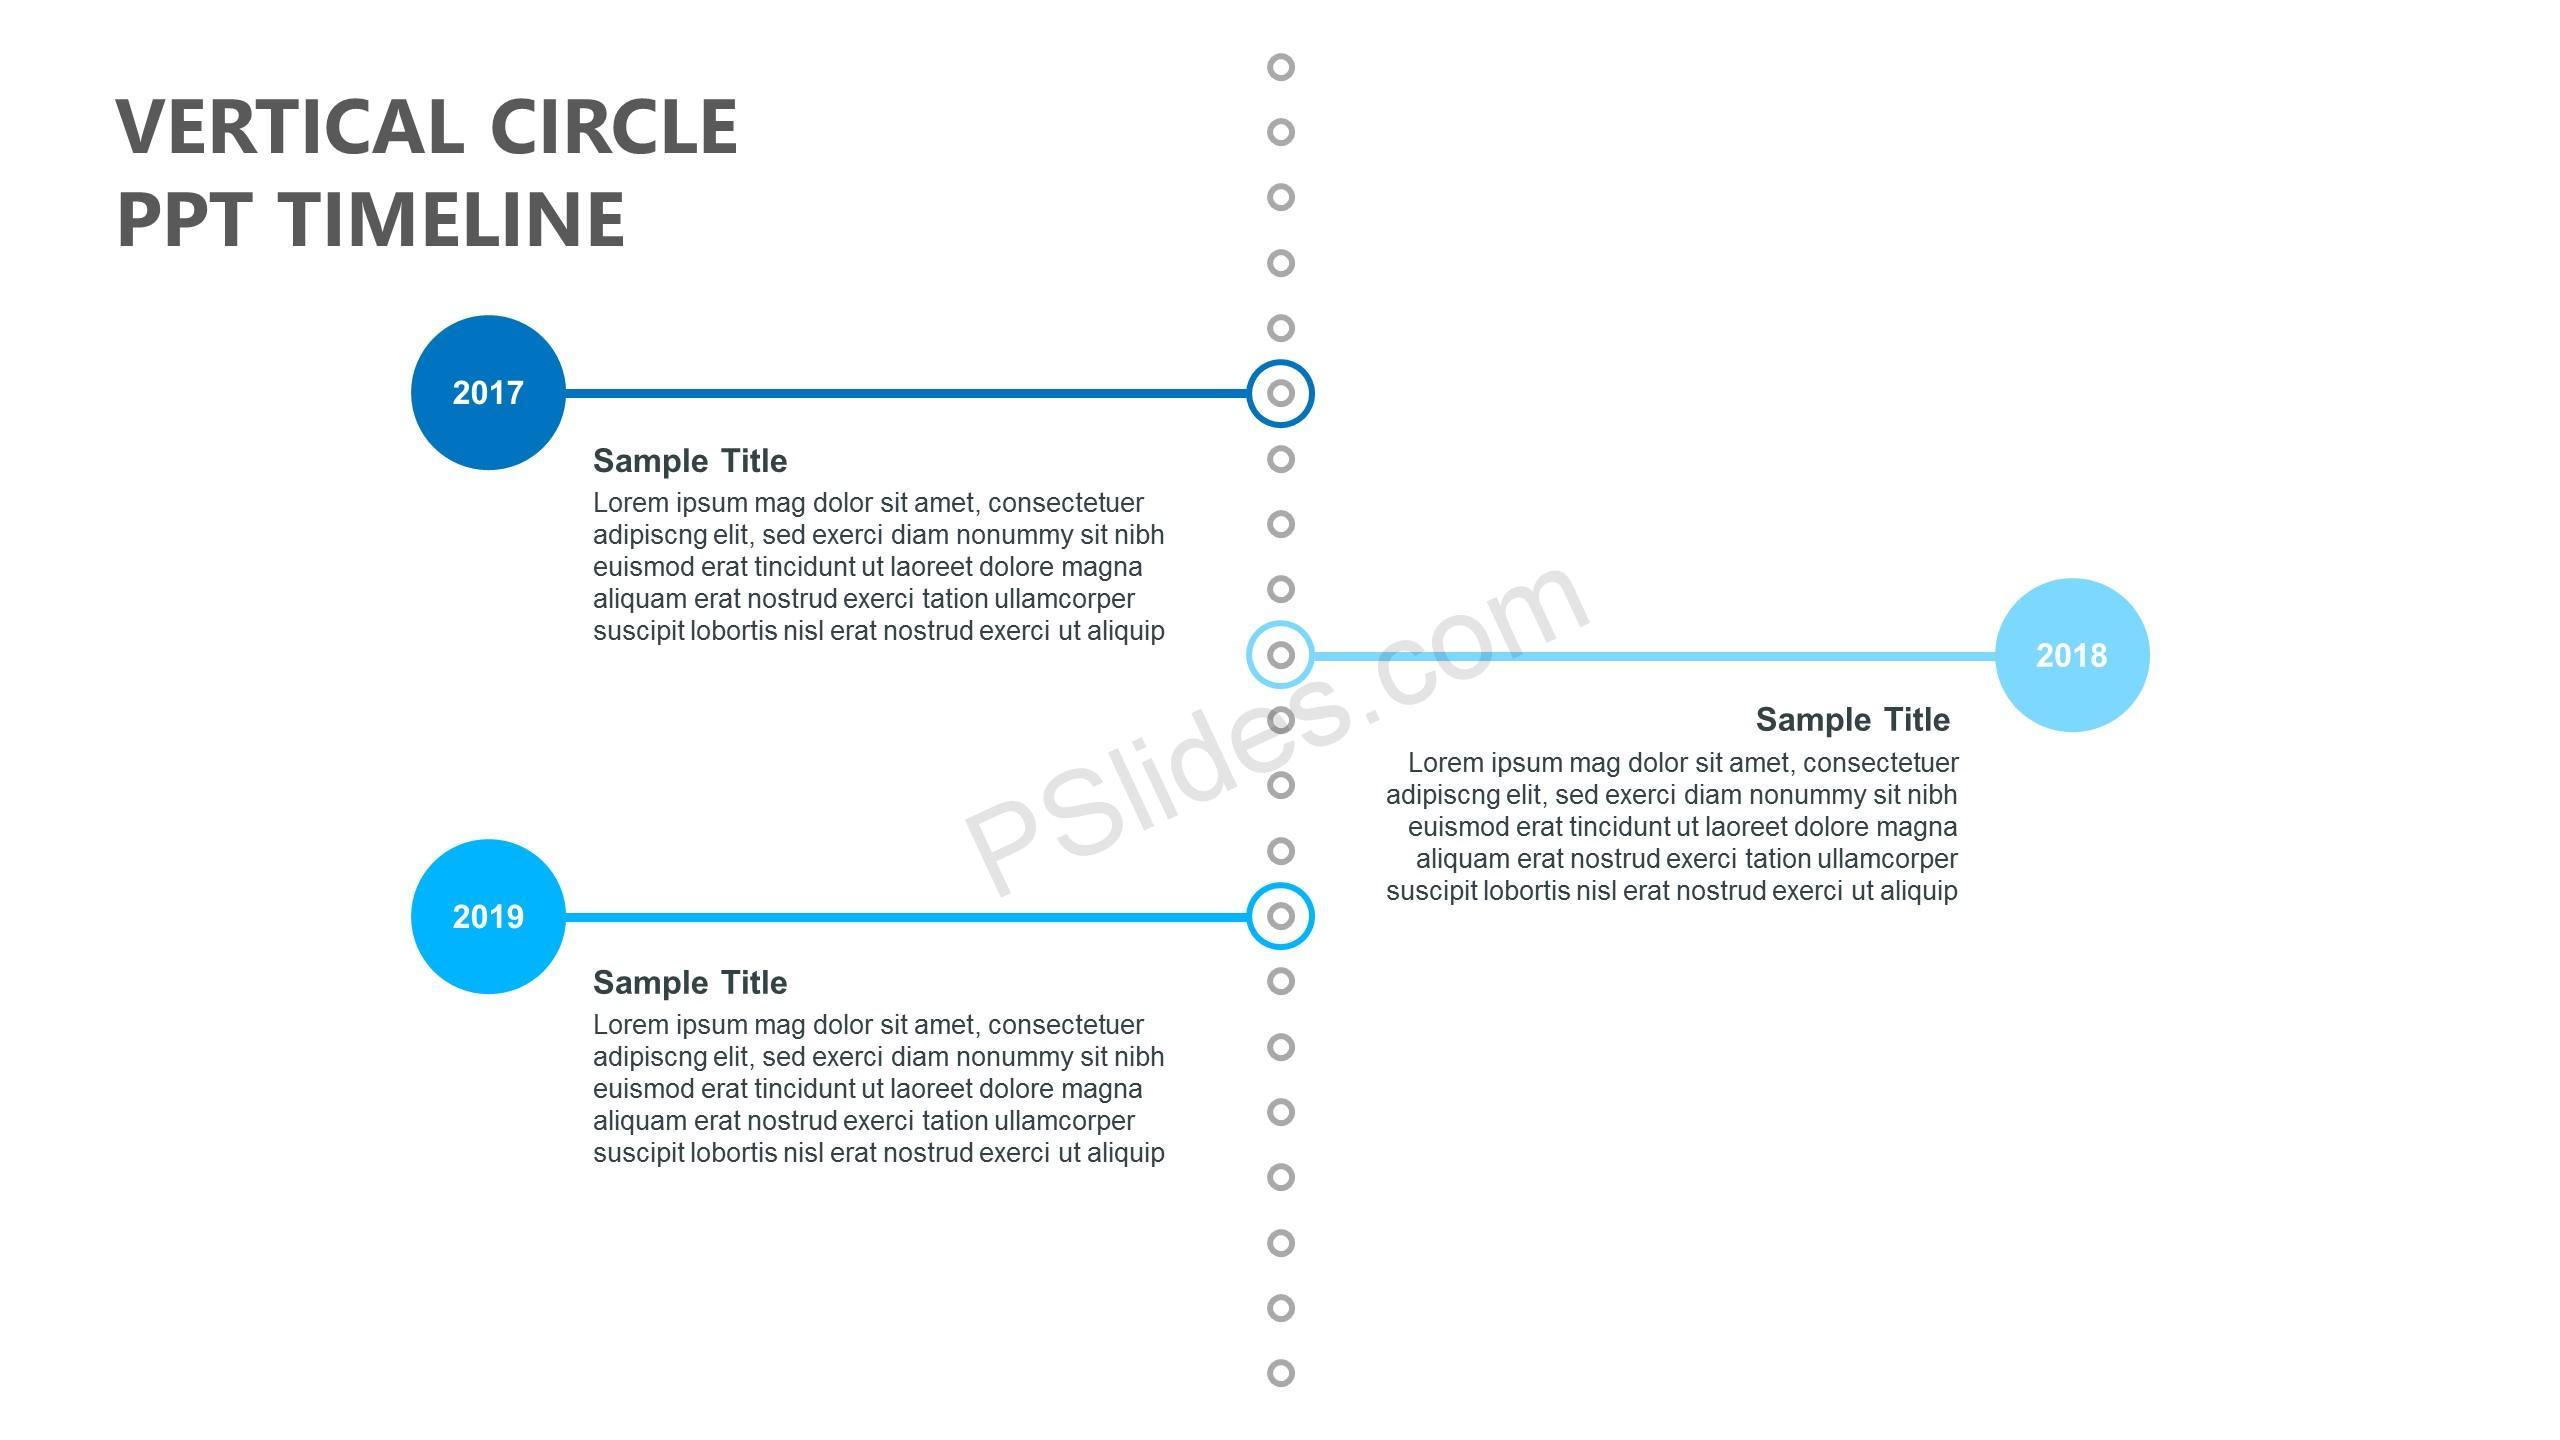 Vertical Circle PPT Timeline